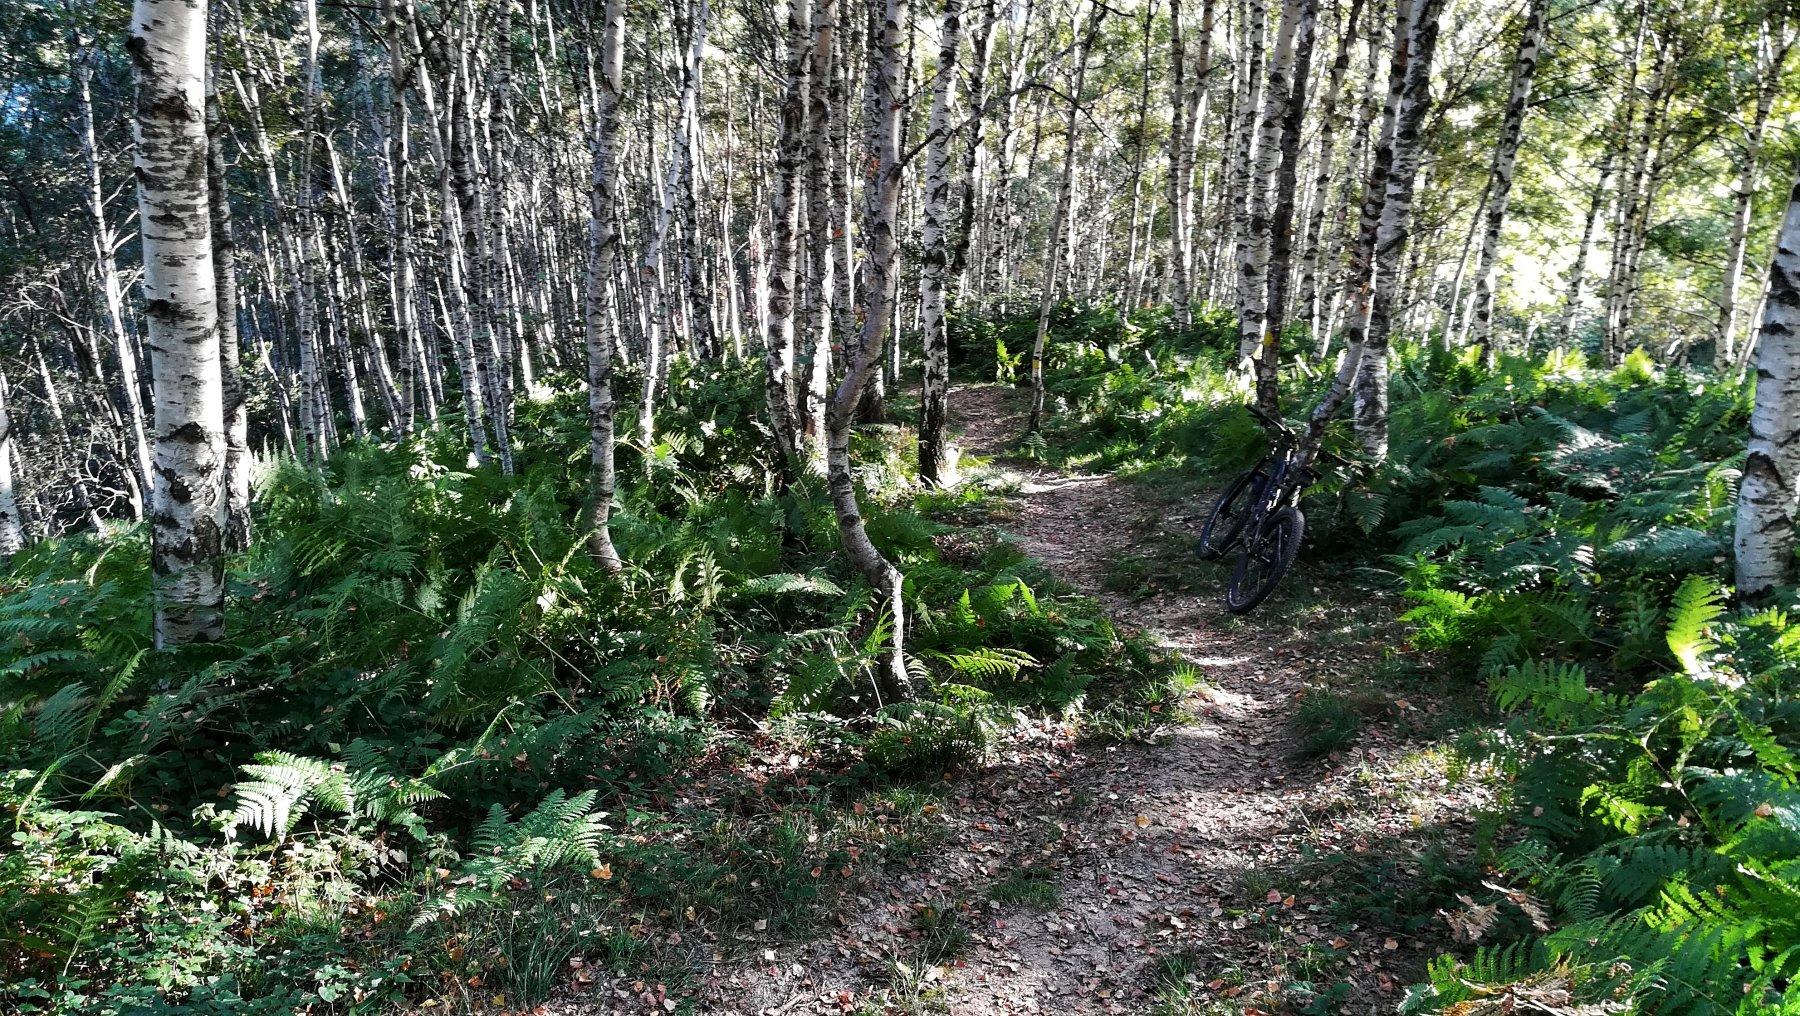 Il bel bosco di felci e betulle